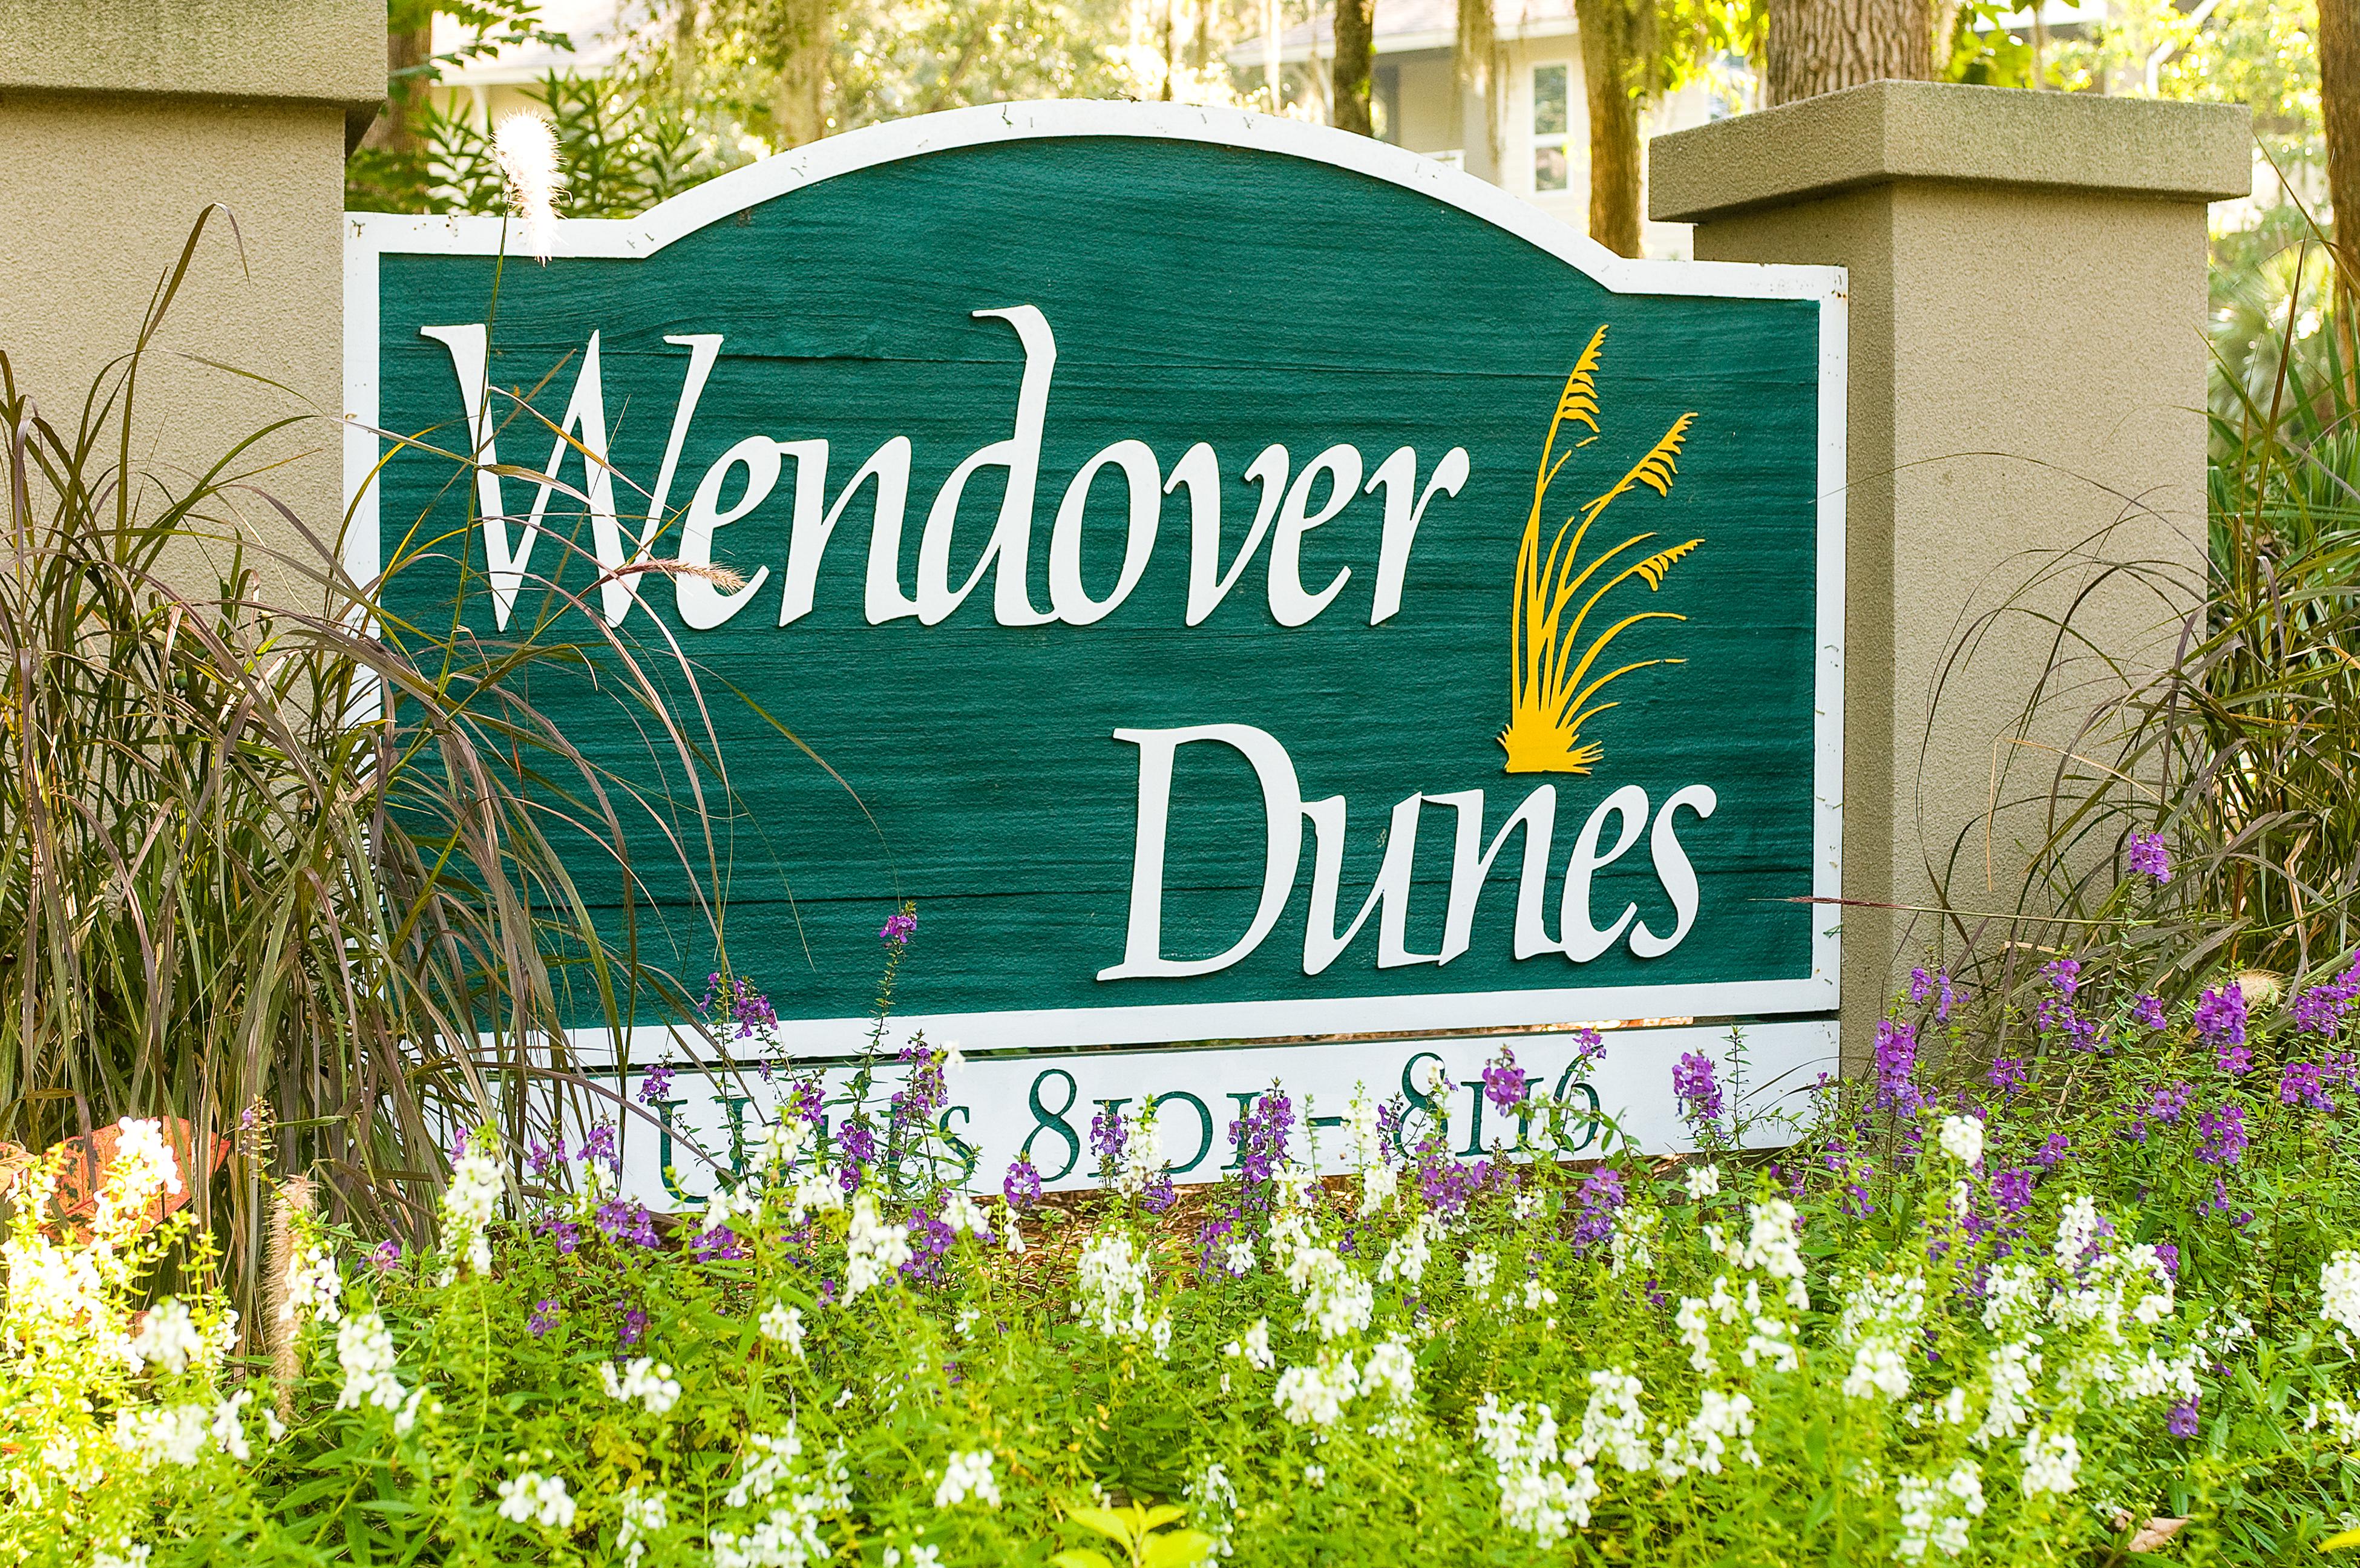 Wendover Dunes 8136 | Photo 31